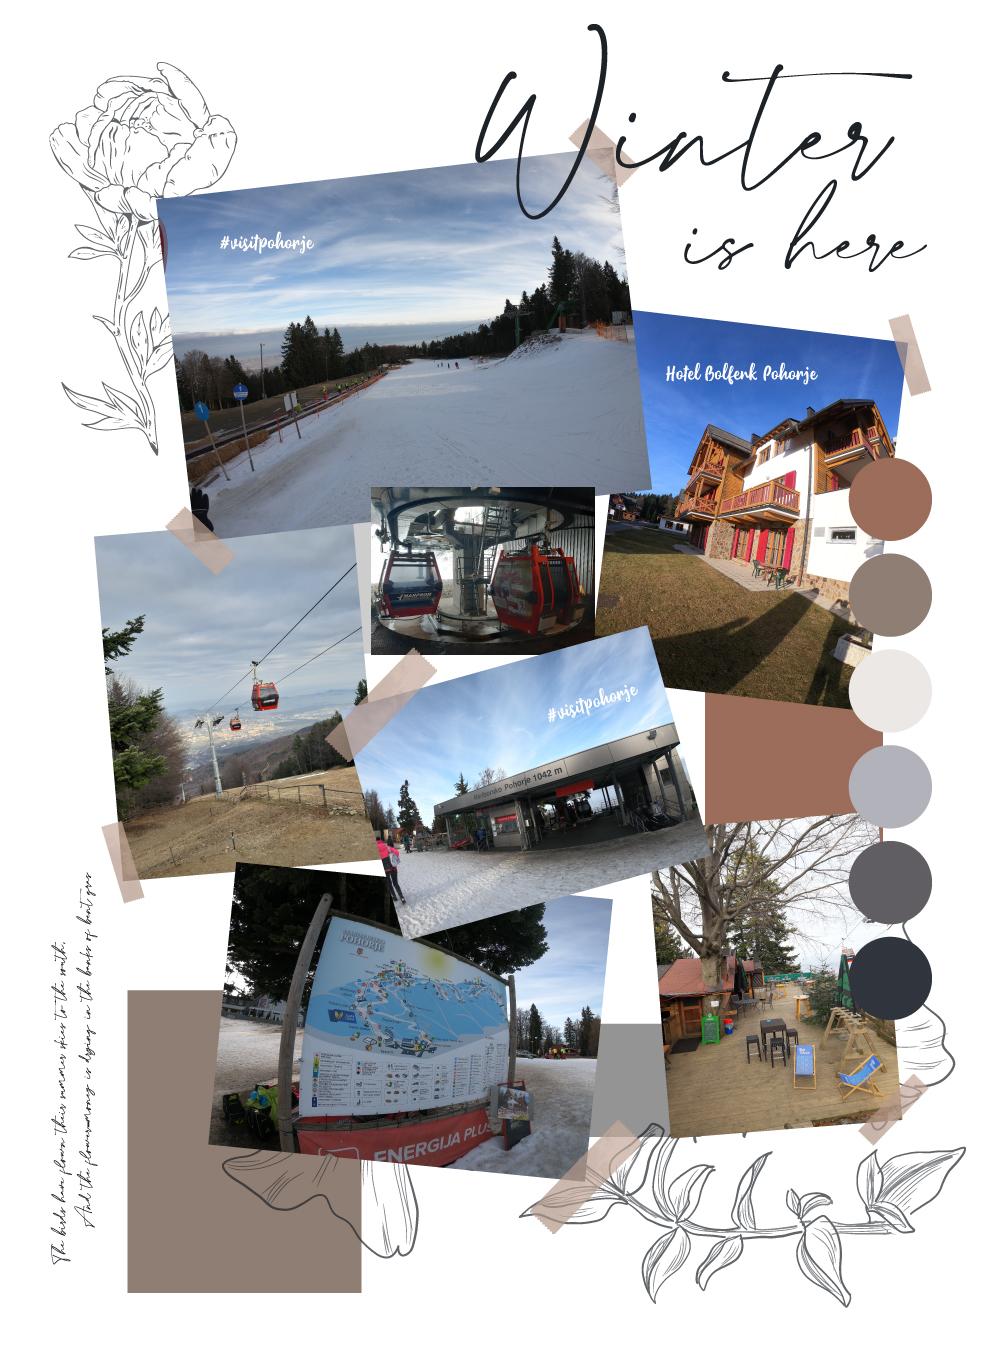 Pohorje Bolfenk text Vodič za zimu u Sloveniji: Mesta koja treba da posetiš + iskustva koja treba da doživiš